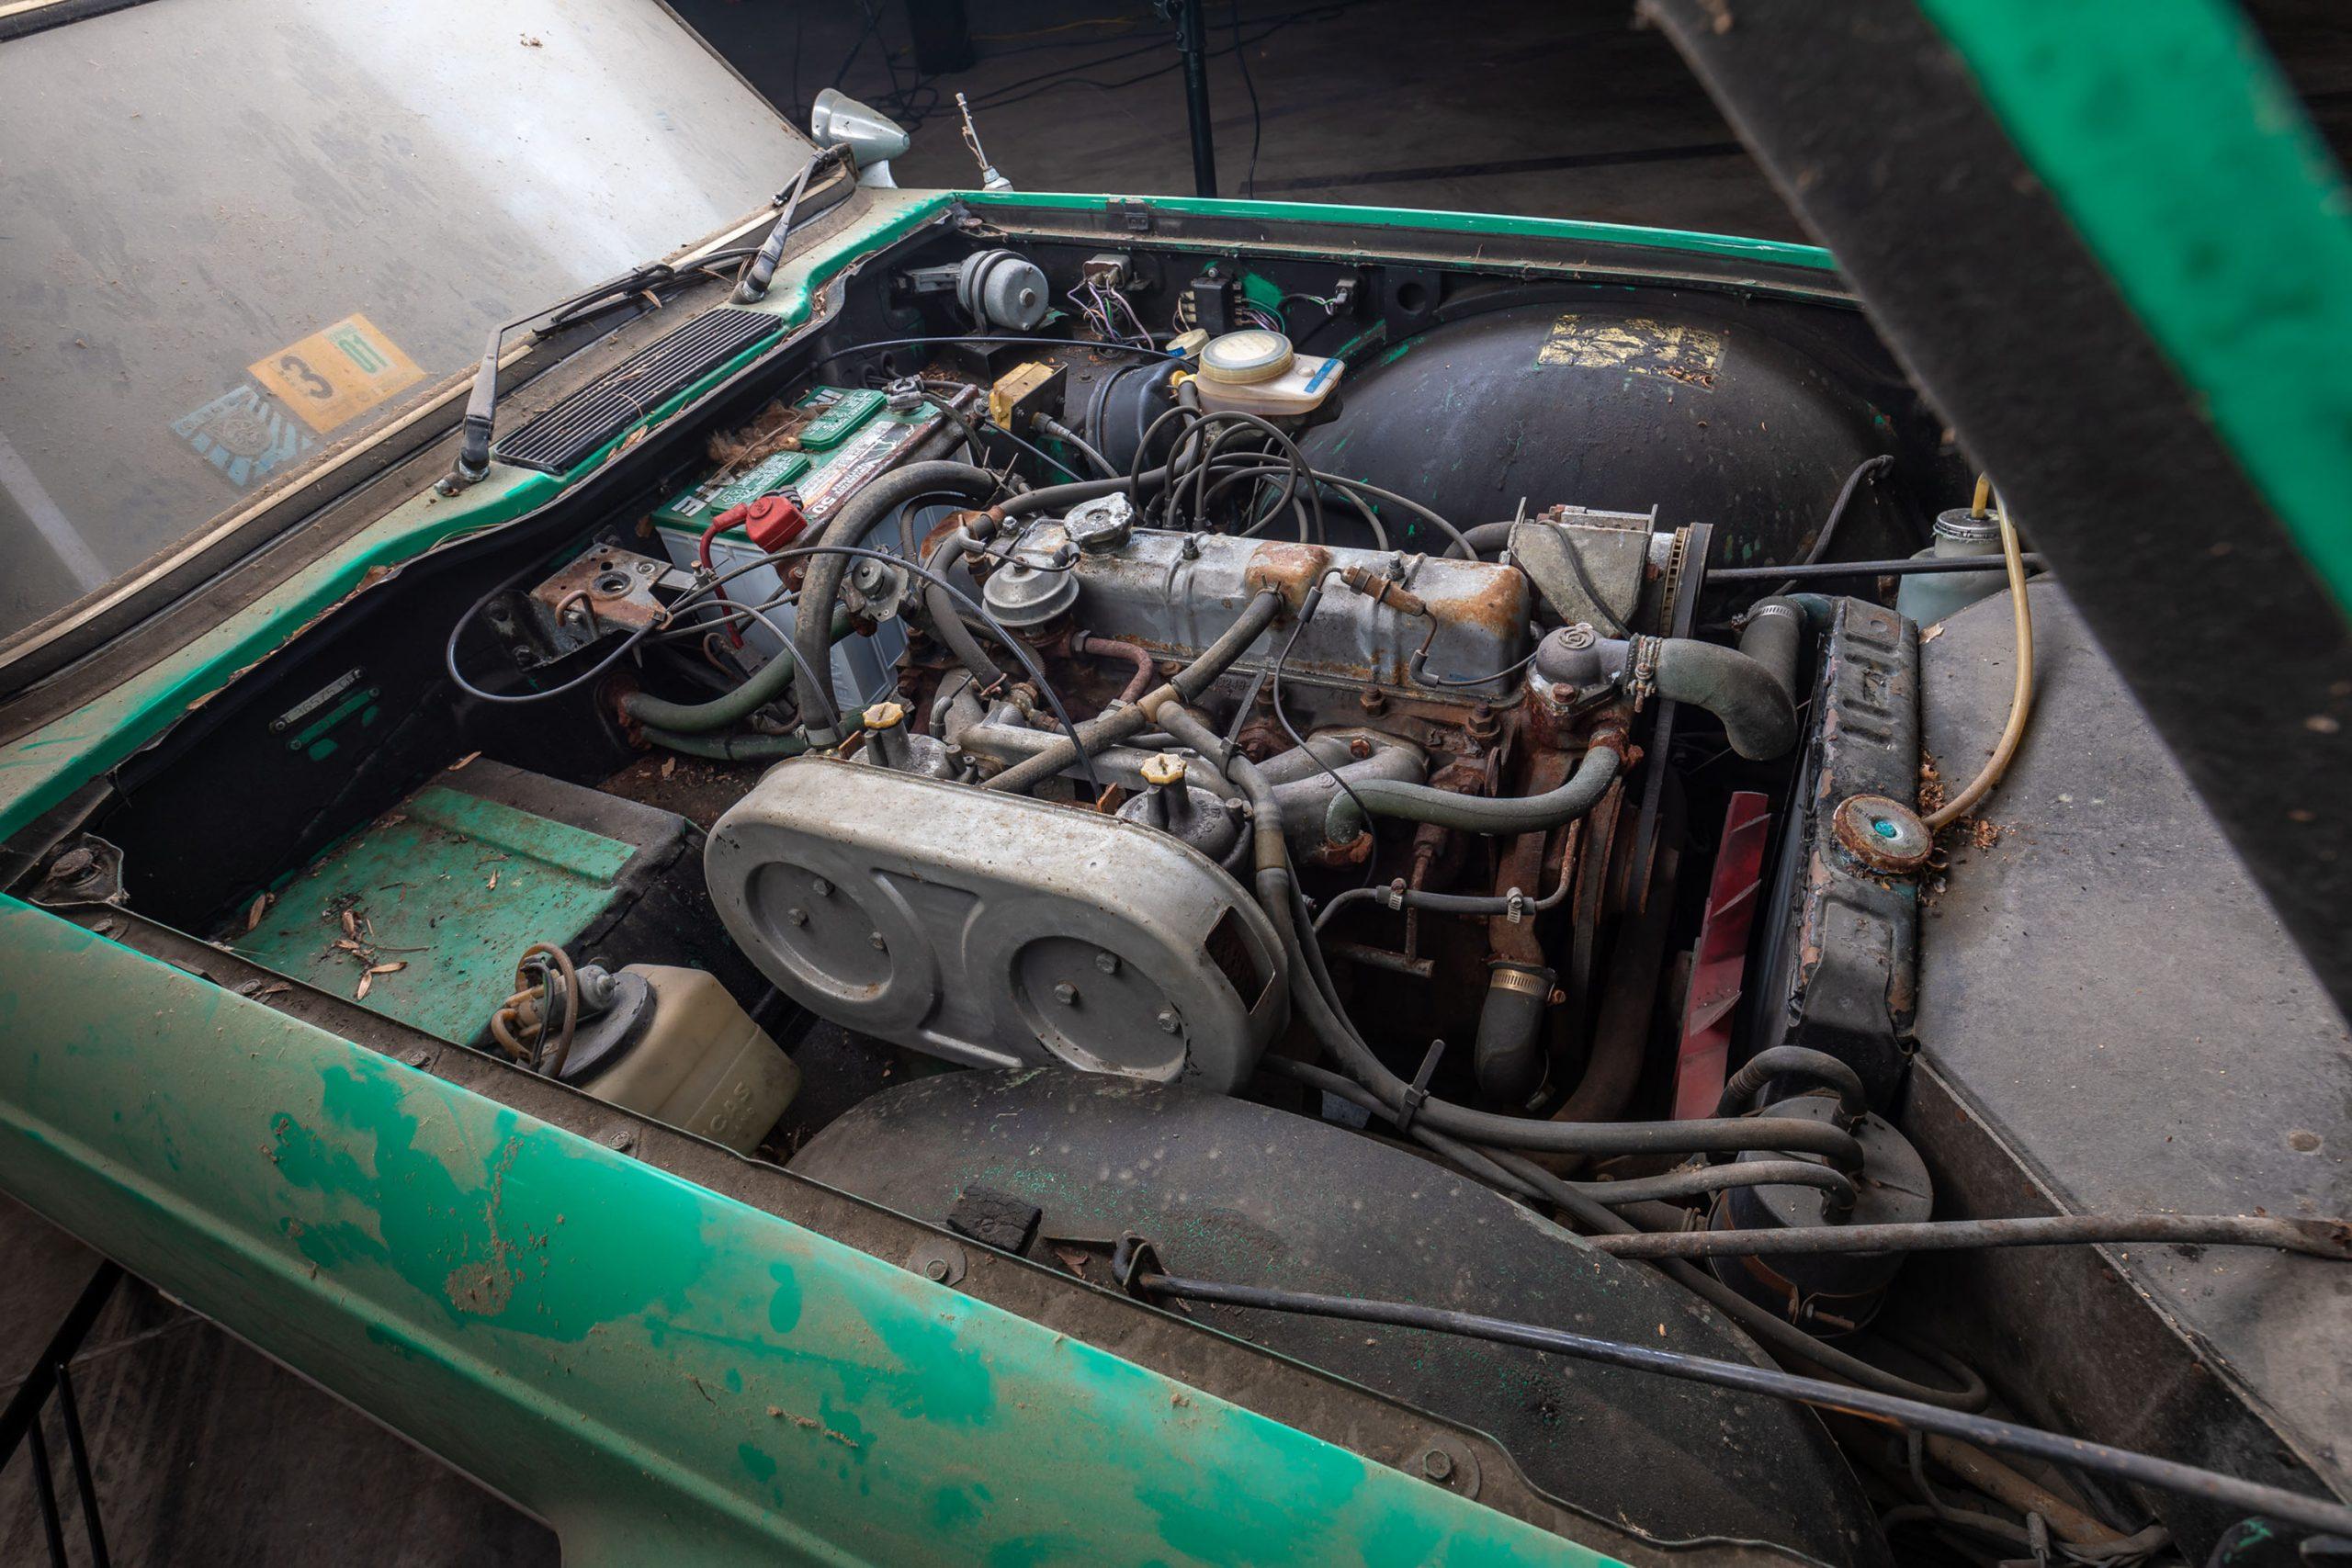 1976 Triumph TR6 Barn Find engine bay